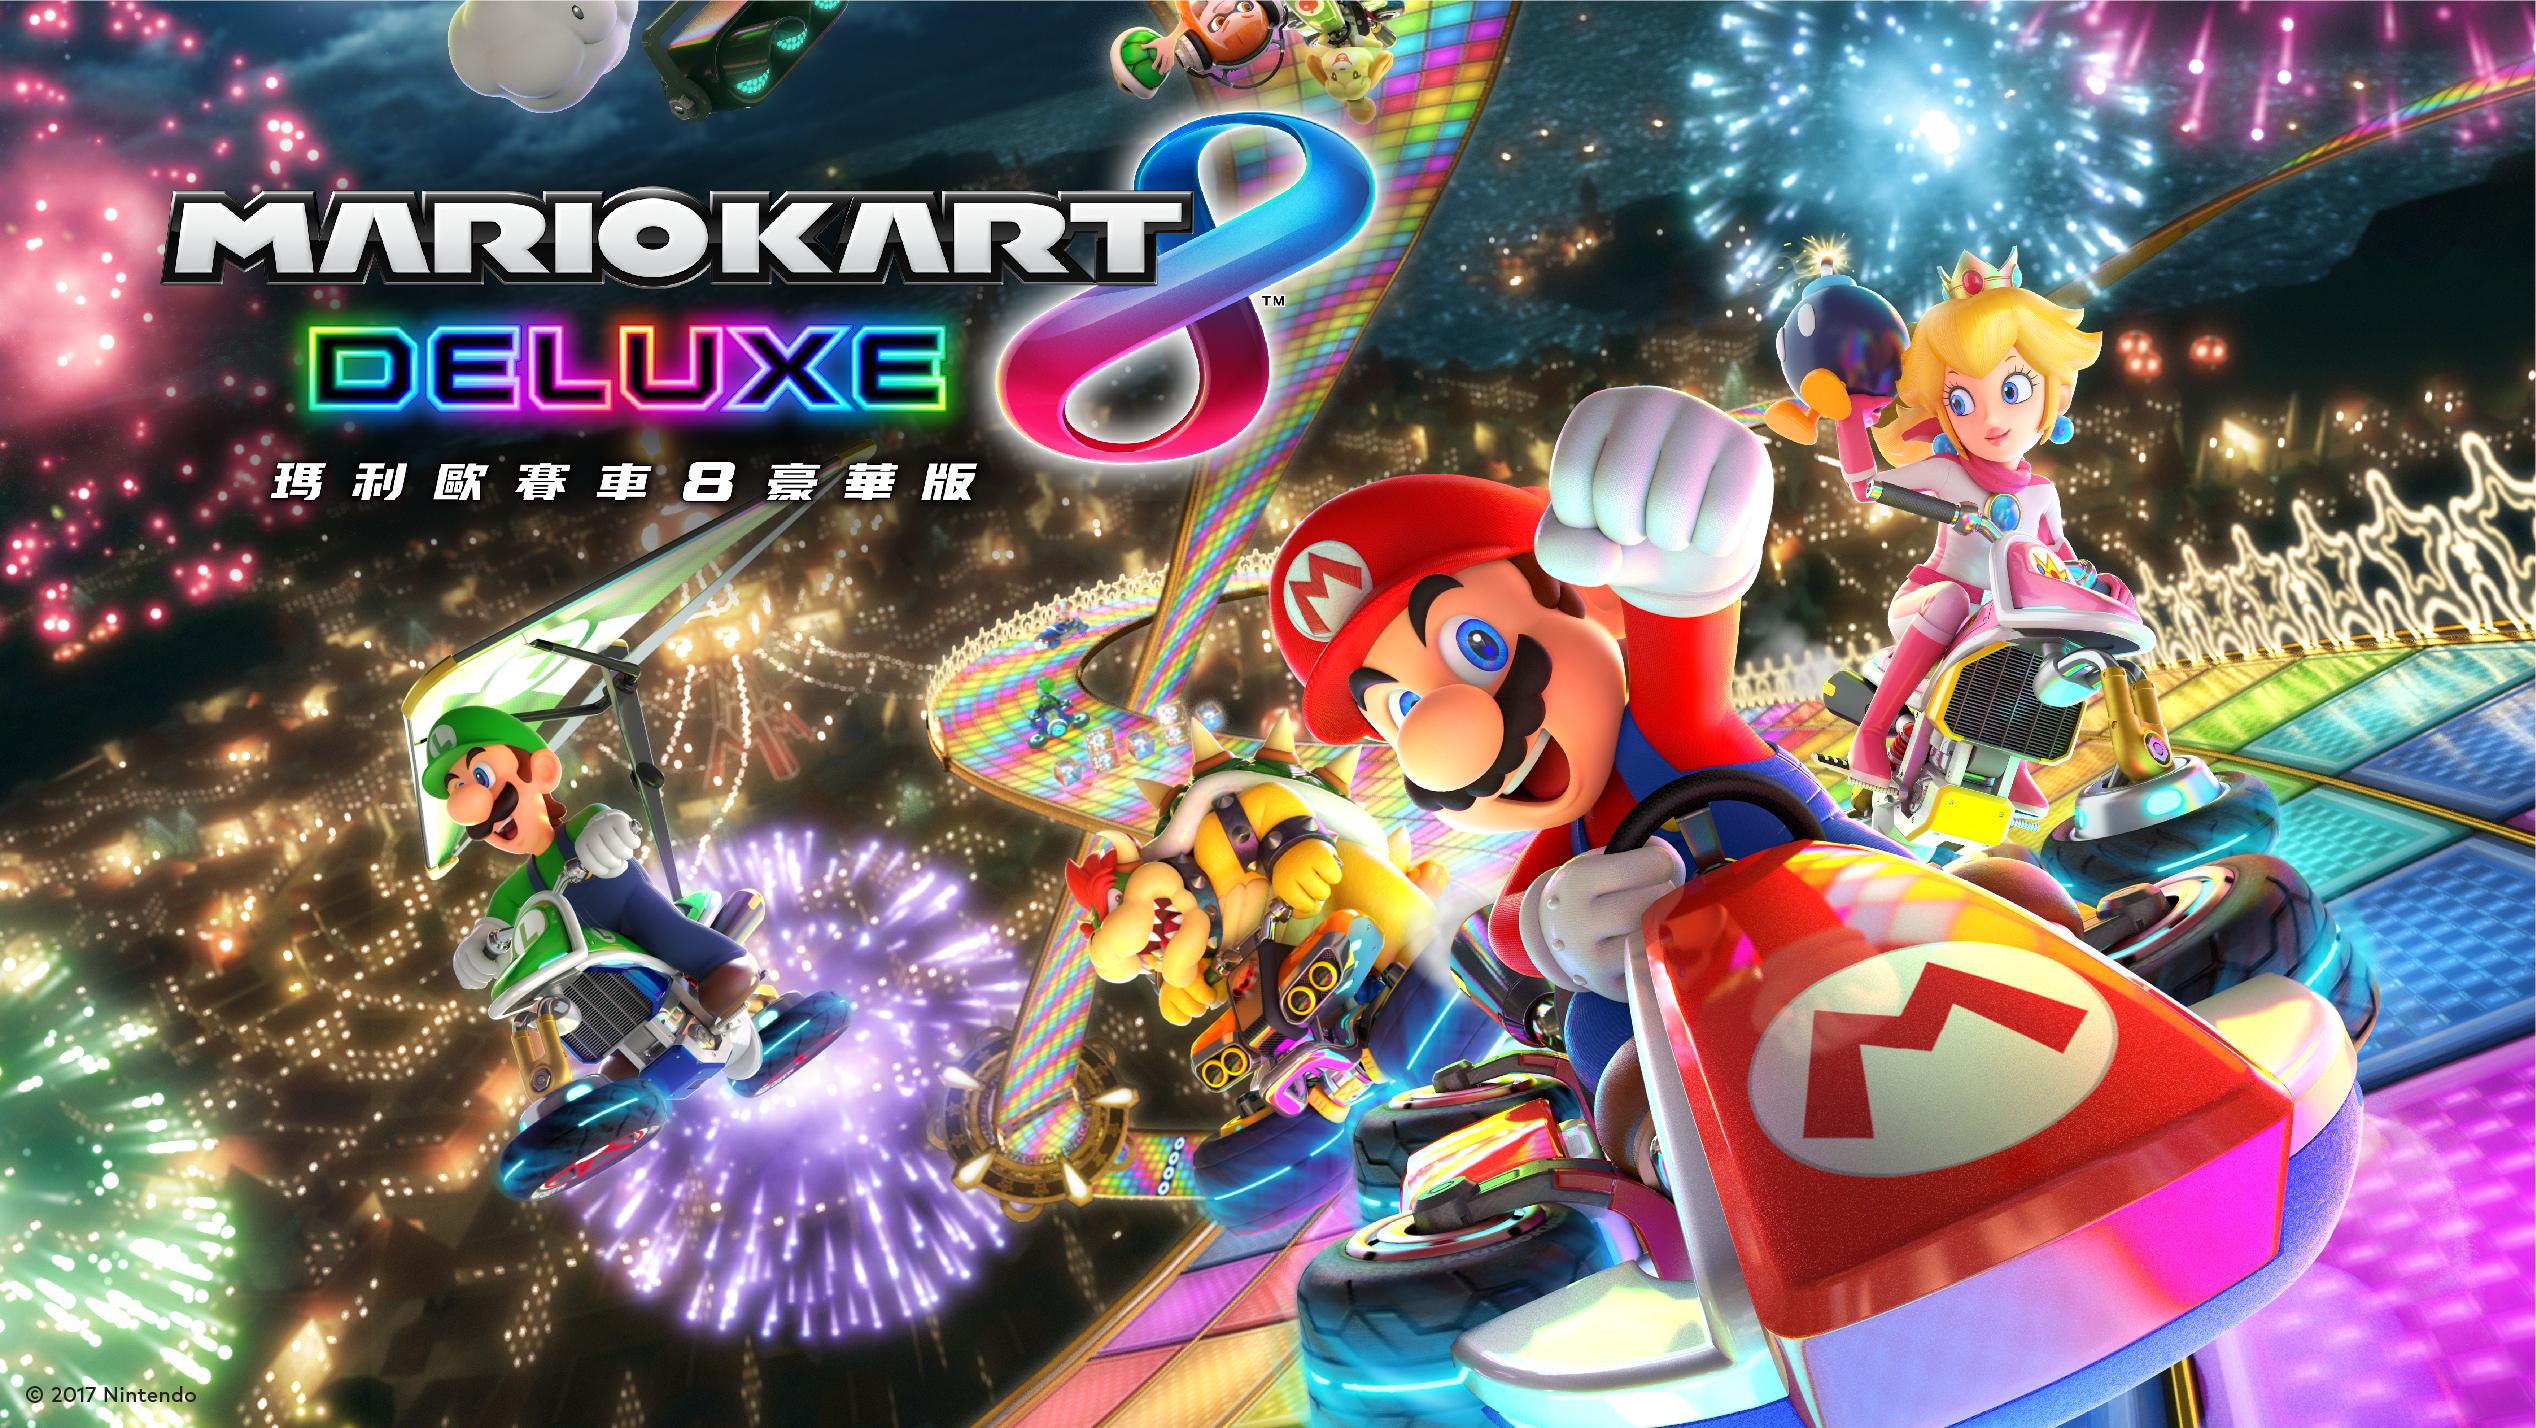 switch_Mario Kart 8 Deluxe_nintendo hk_23012020